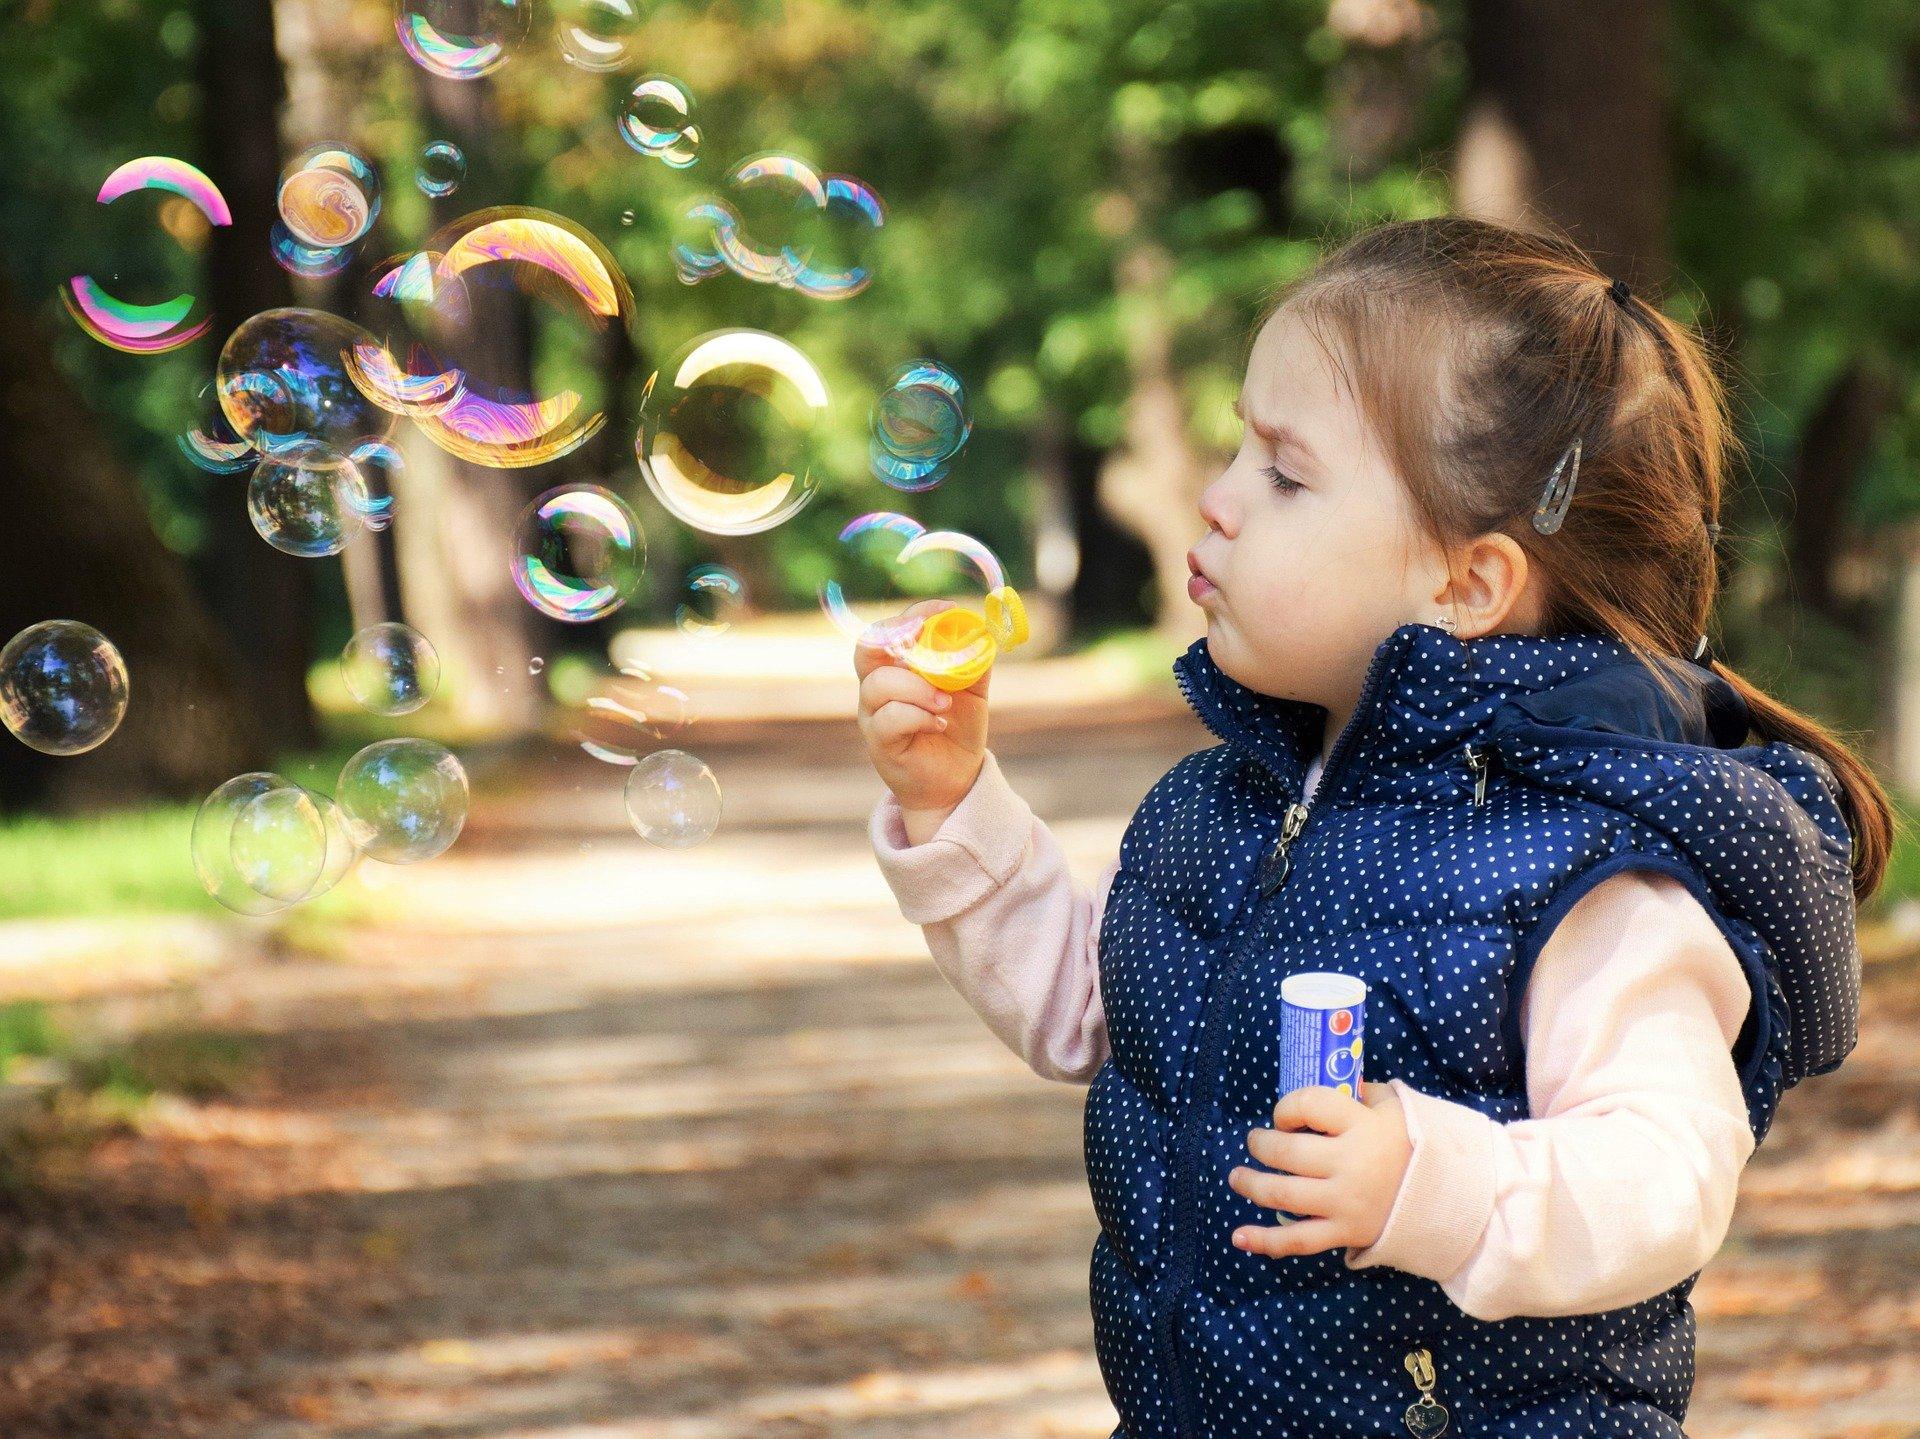 na zdjęciu dziewczynka puszczająca bańki